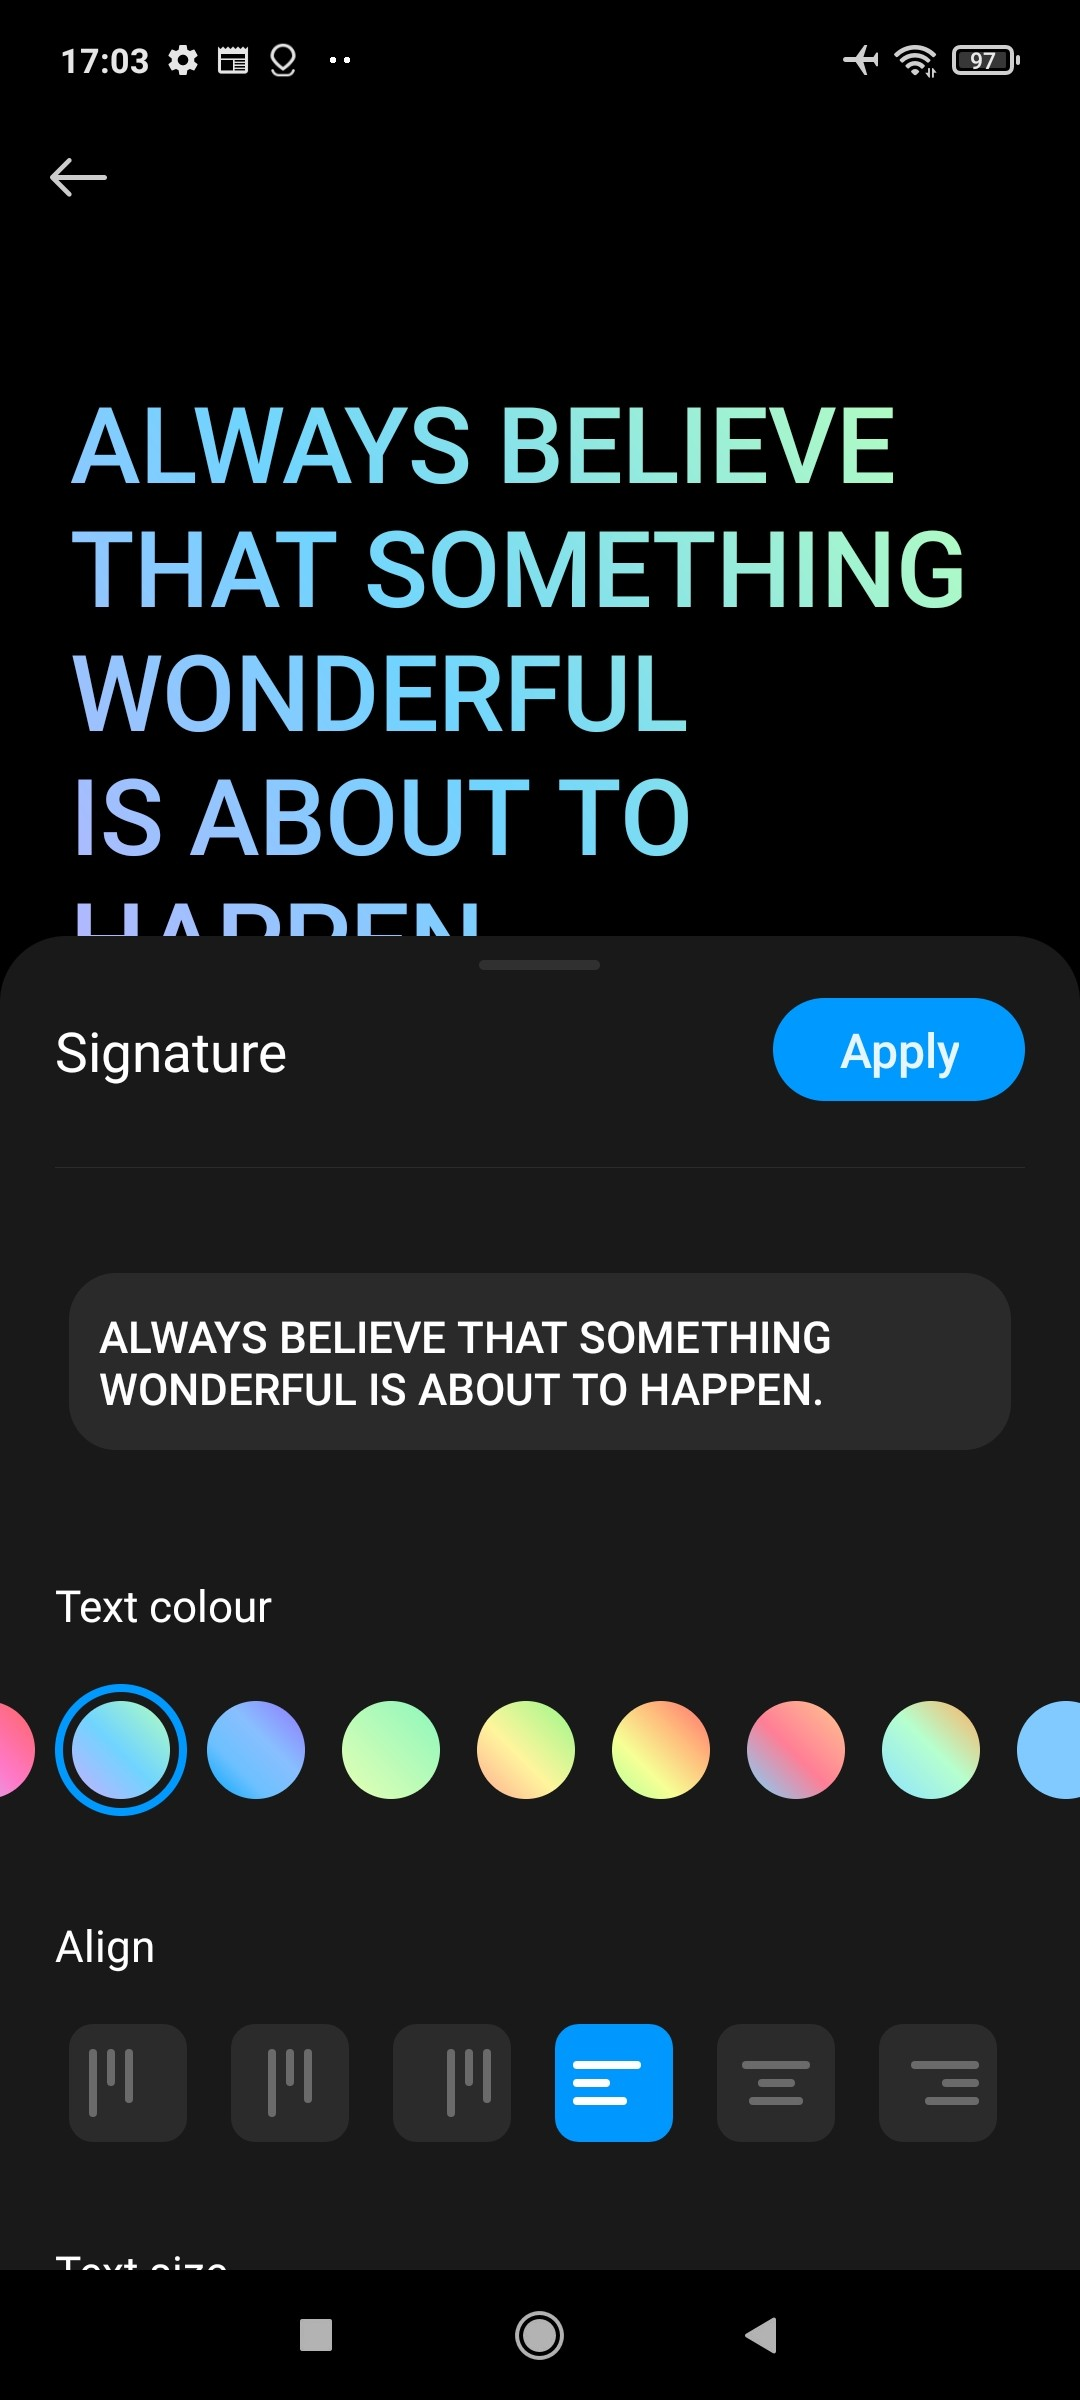 بررسی کامل و تخصصی گوشی ردمی نوت 10 پرو شیائومی: جذاب و برنده